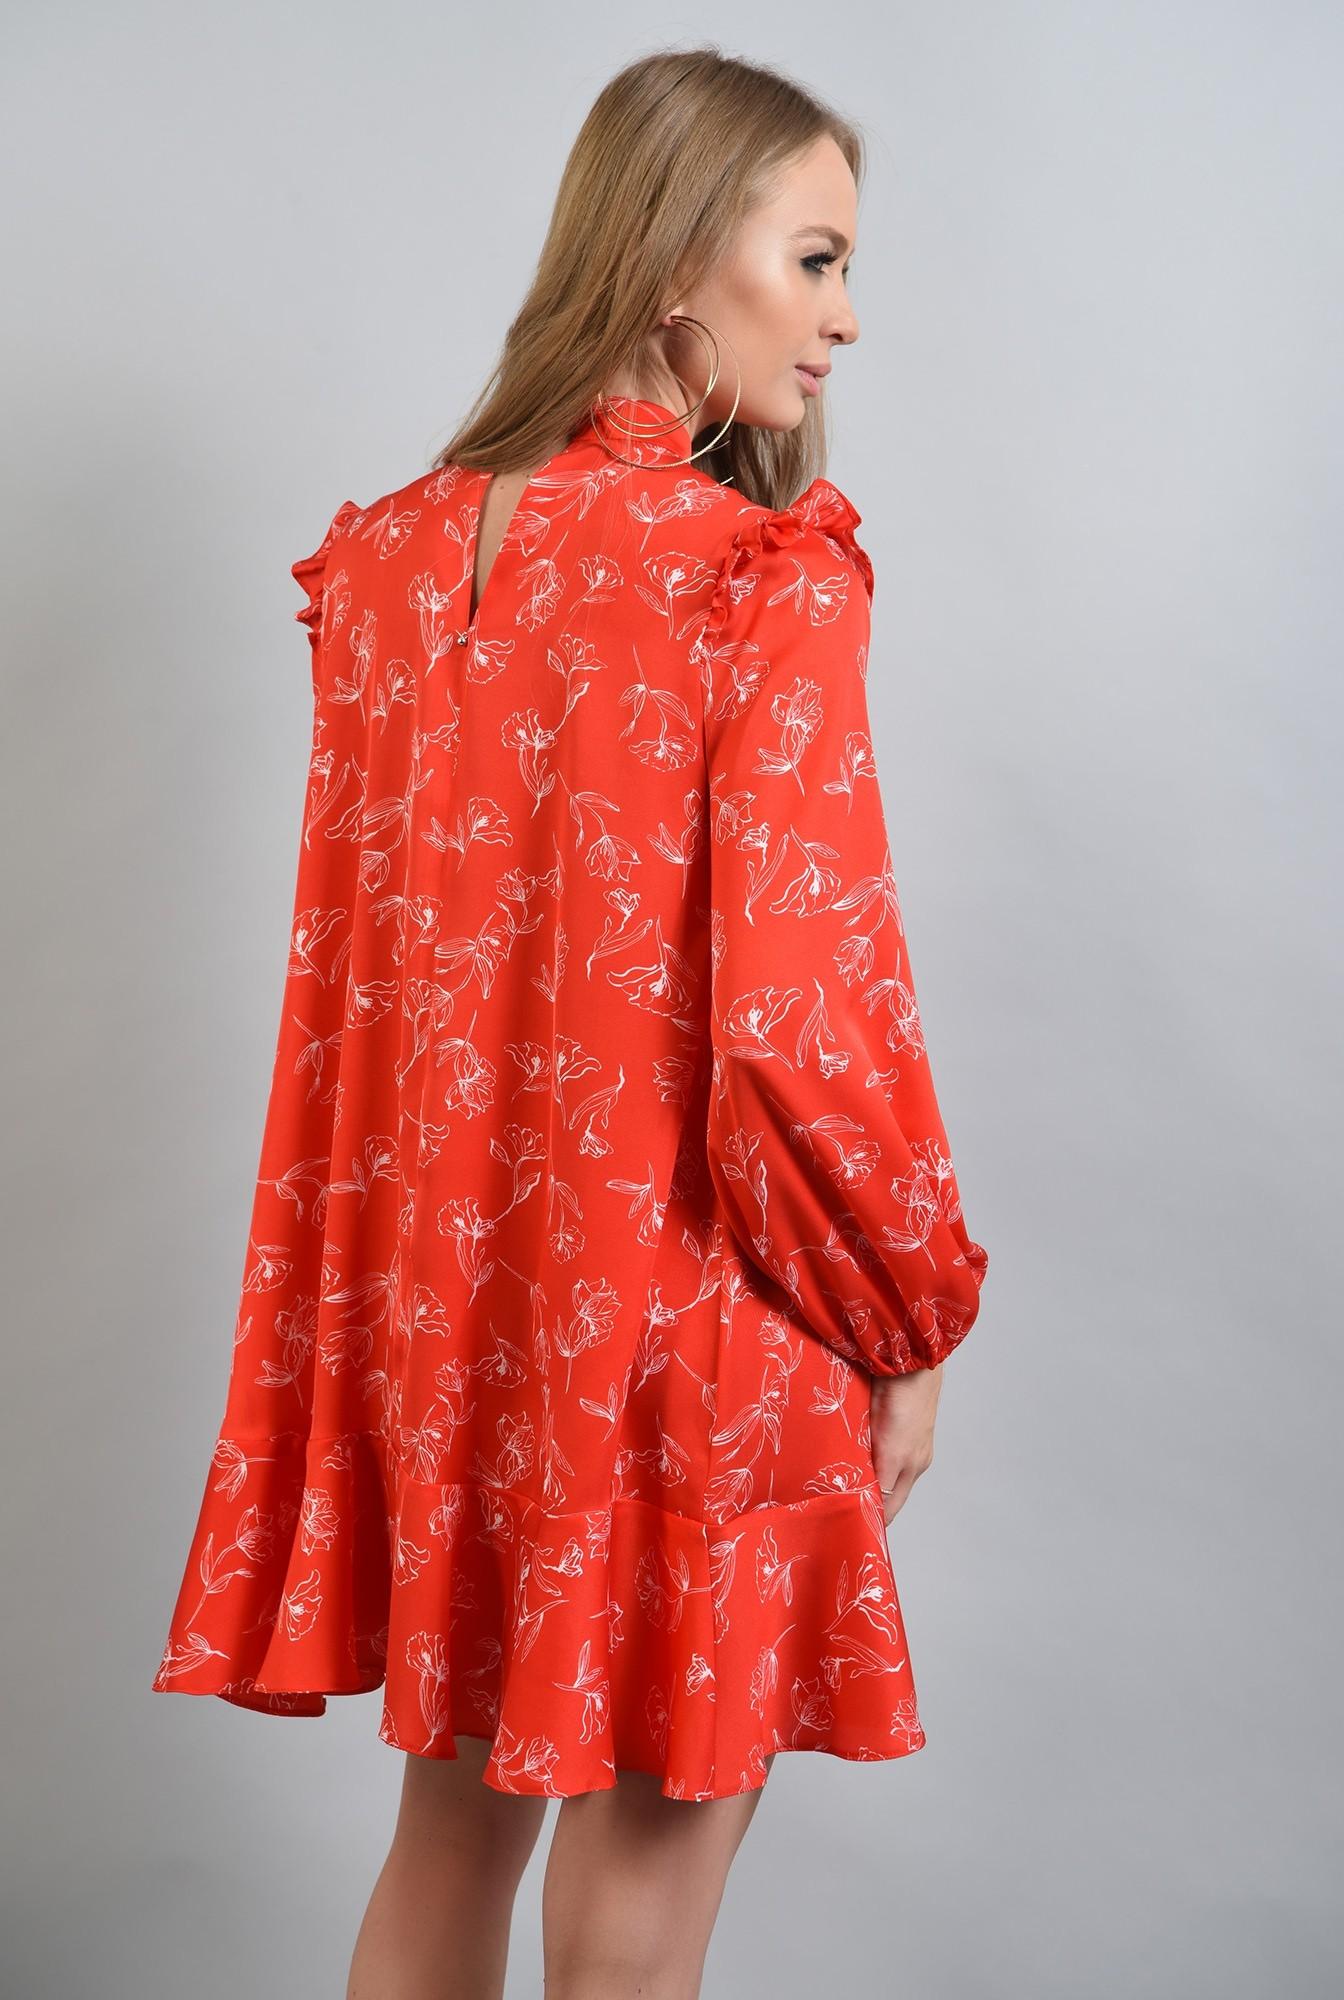 1 -  rochie rosie, mini, cu volan la baza, maneci bufante